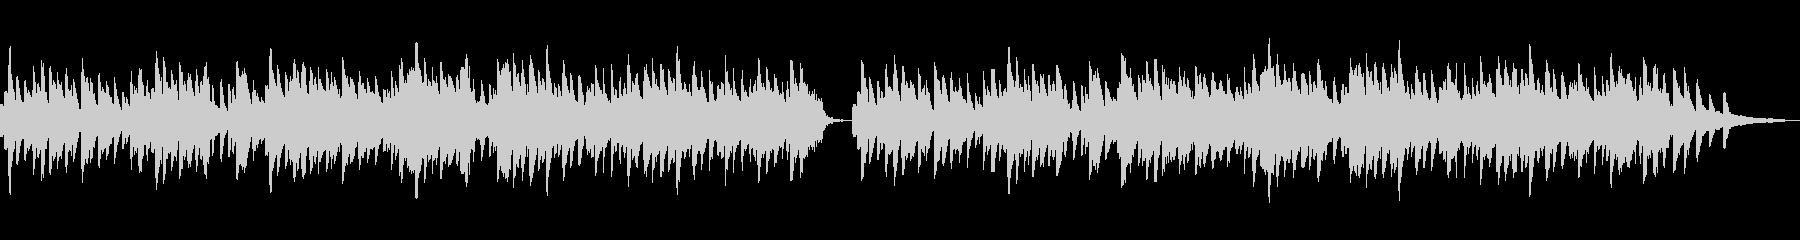 ほっこりした雰囲気のBGMの未再生の波形